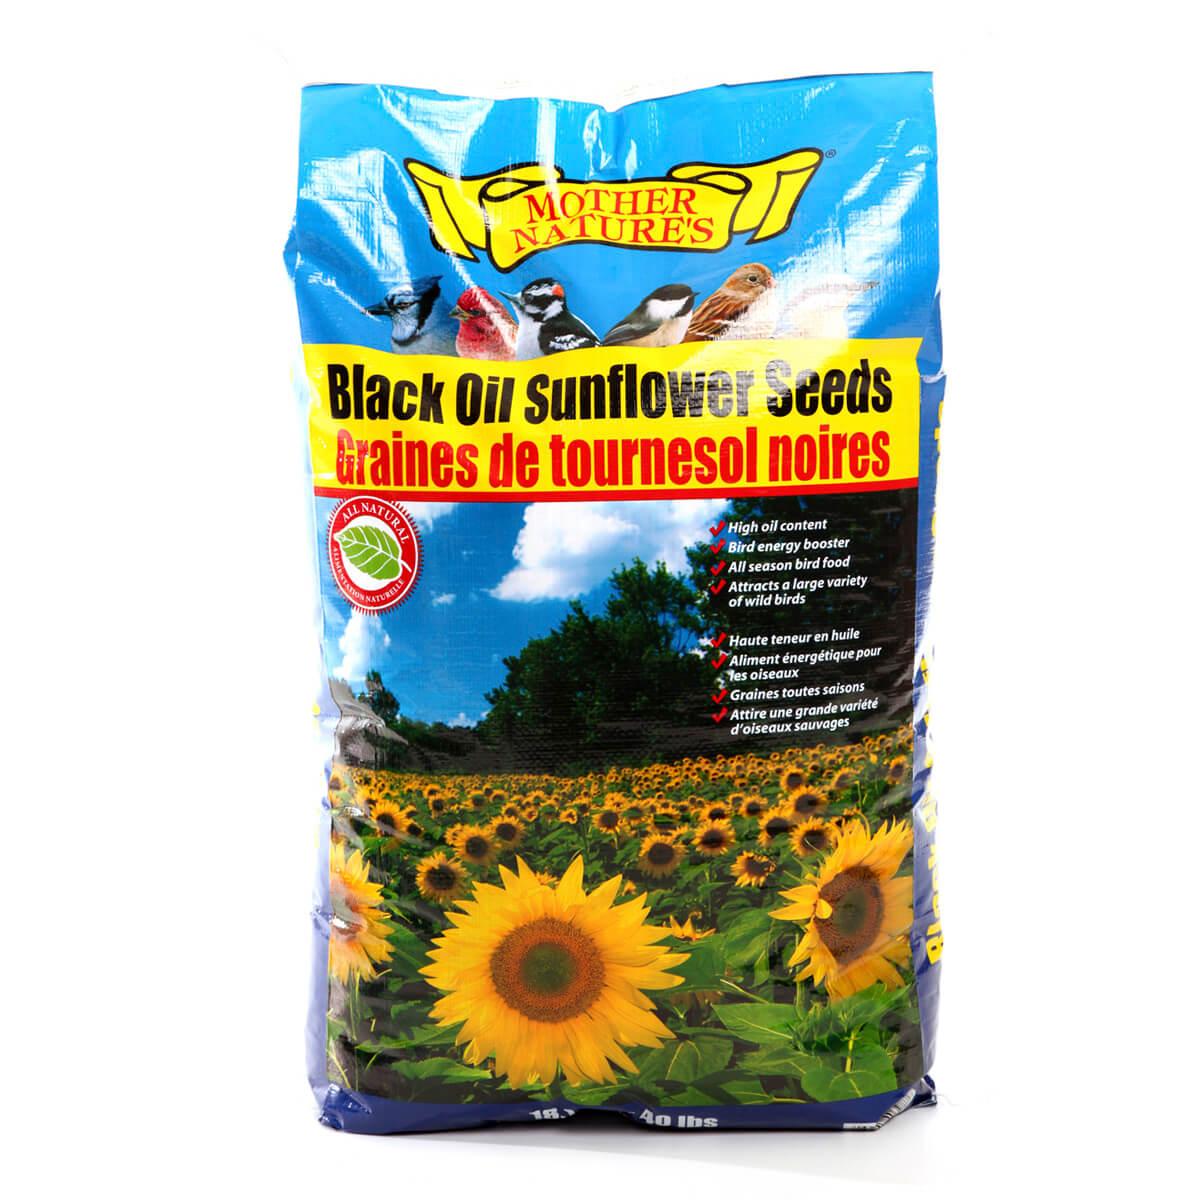 Black Oil Sunflower Seed - 18.14 kg